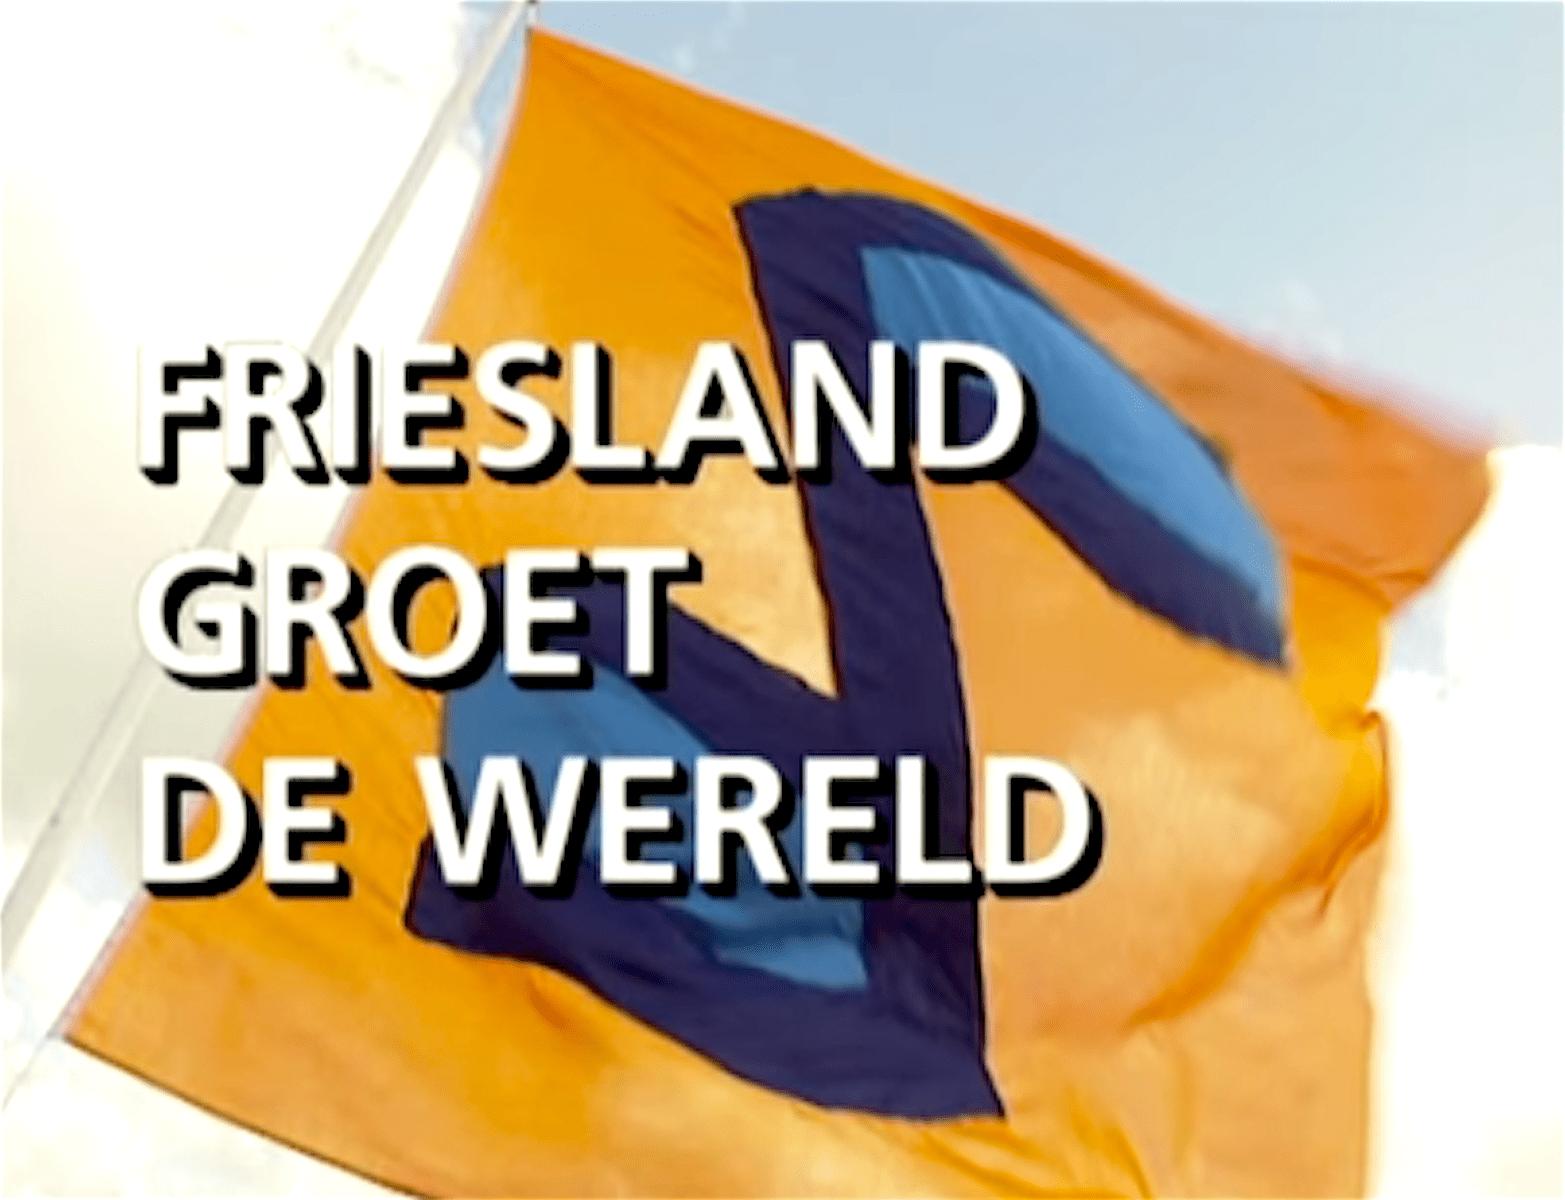 Friesland Groet De Wereld (foto YouTube)